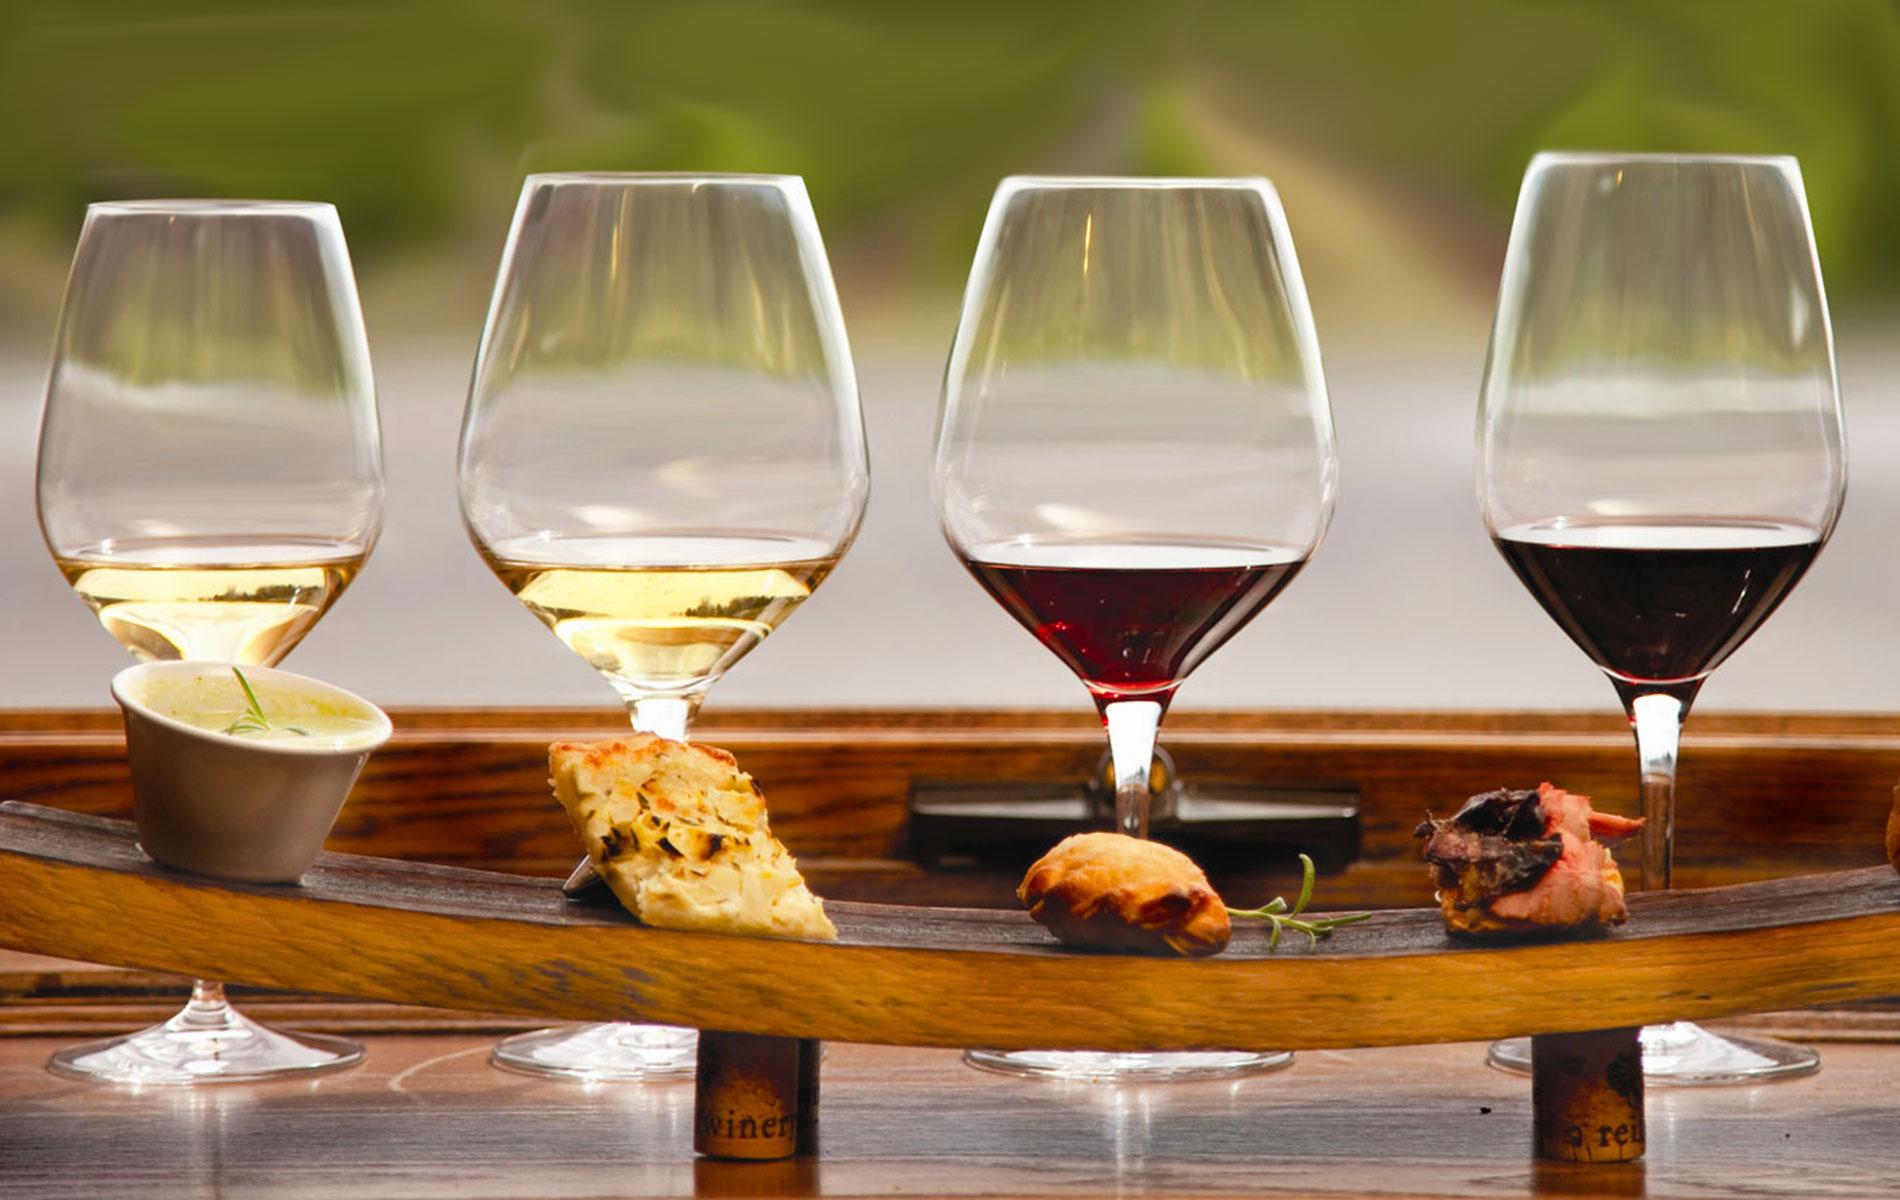 Wijn en spijs proeverij